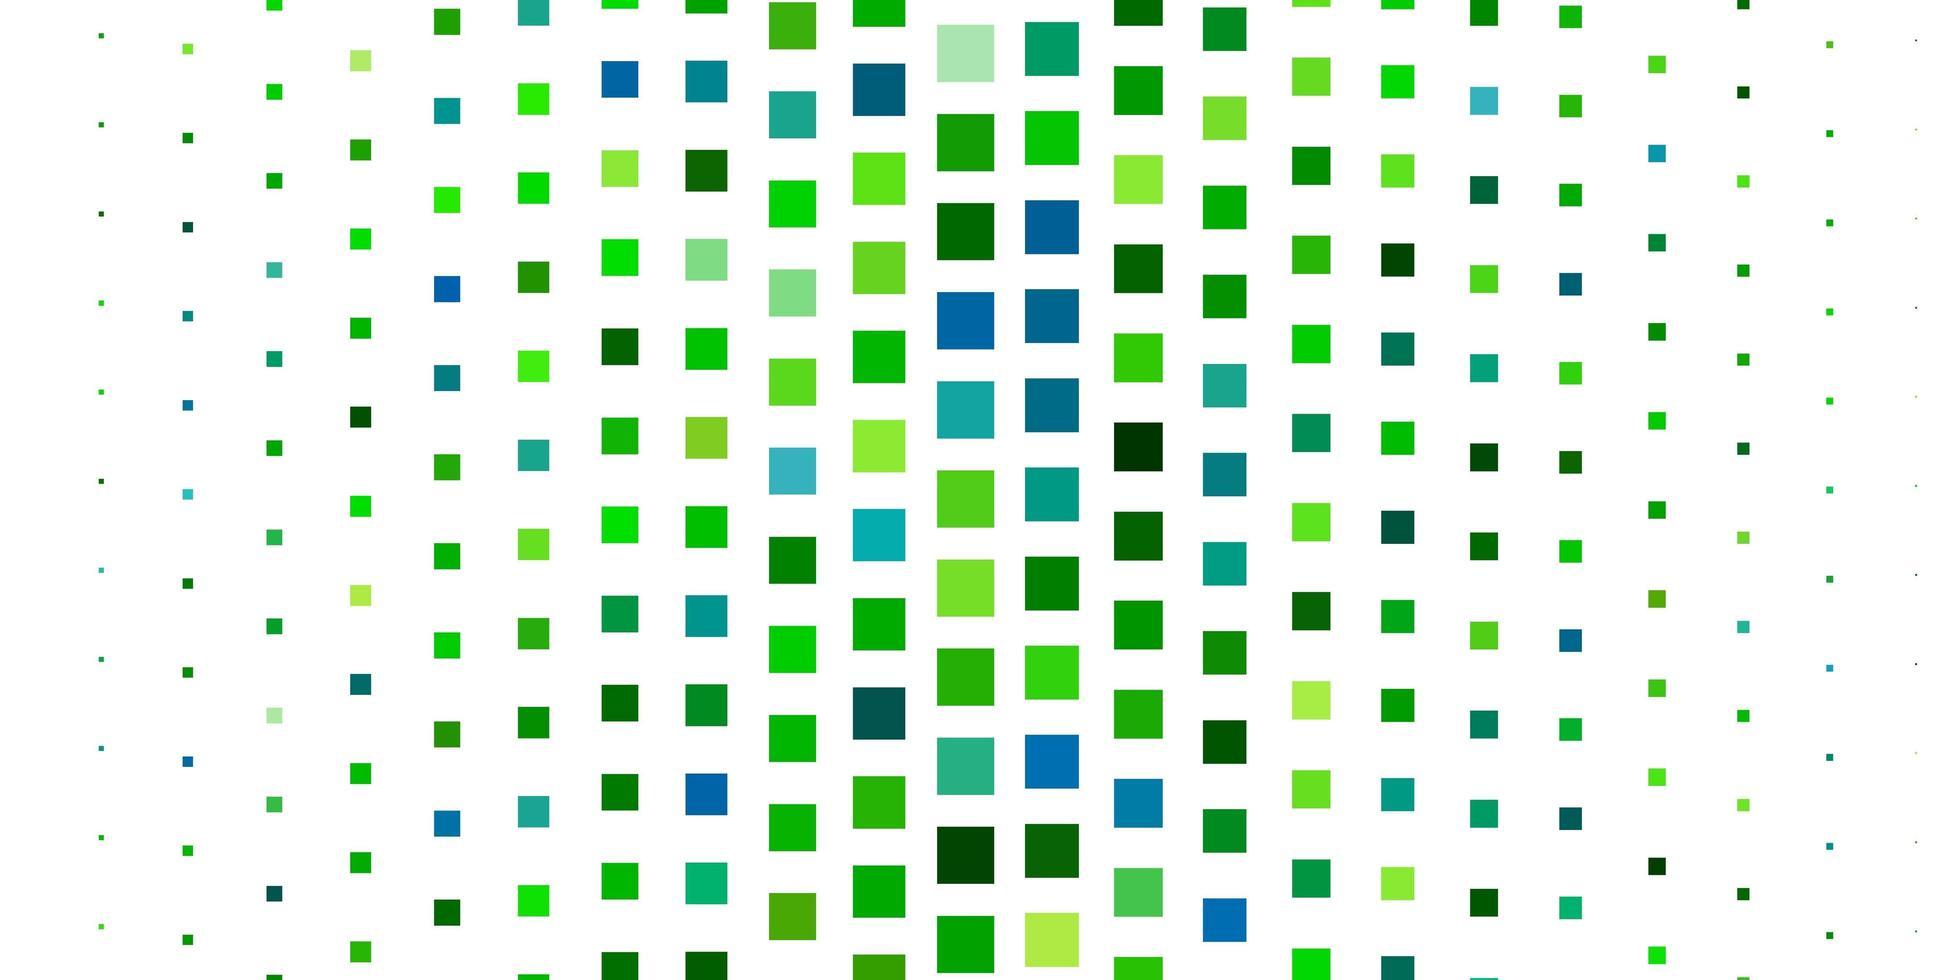 diseño verde con líneas, rectángulos. vector